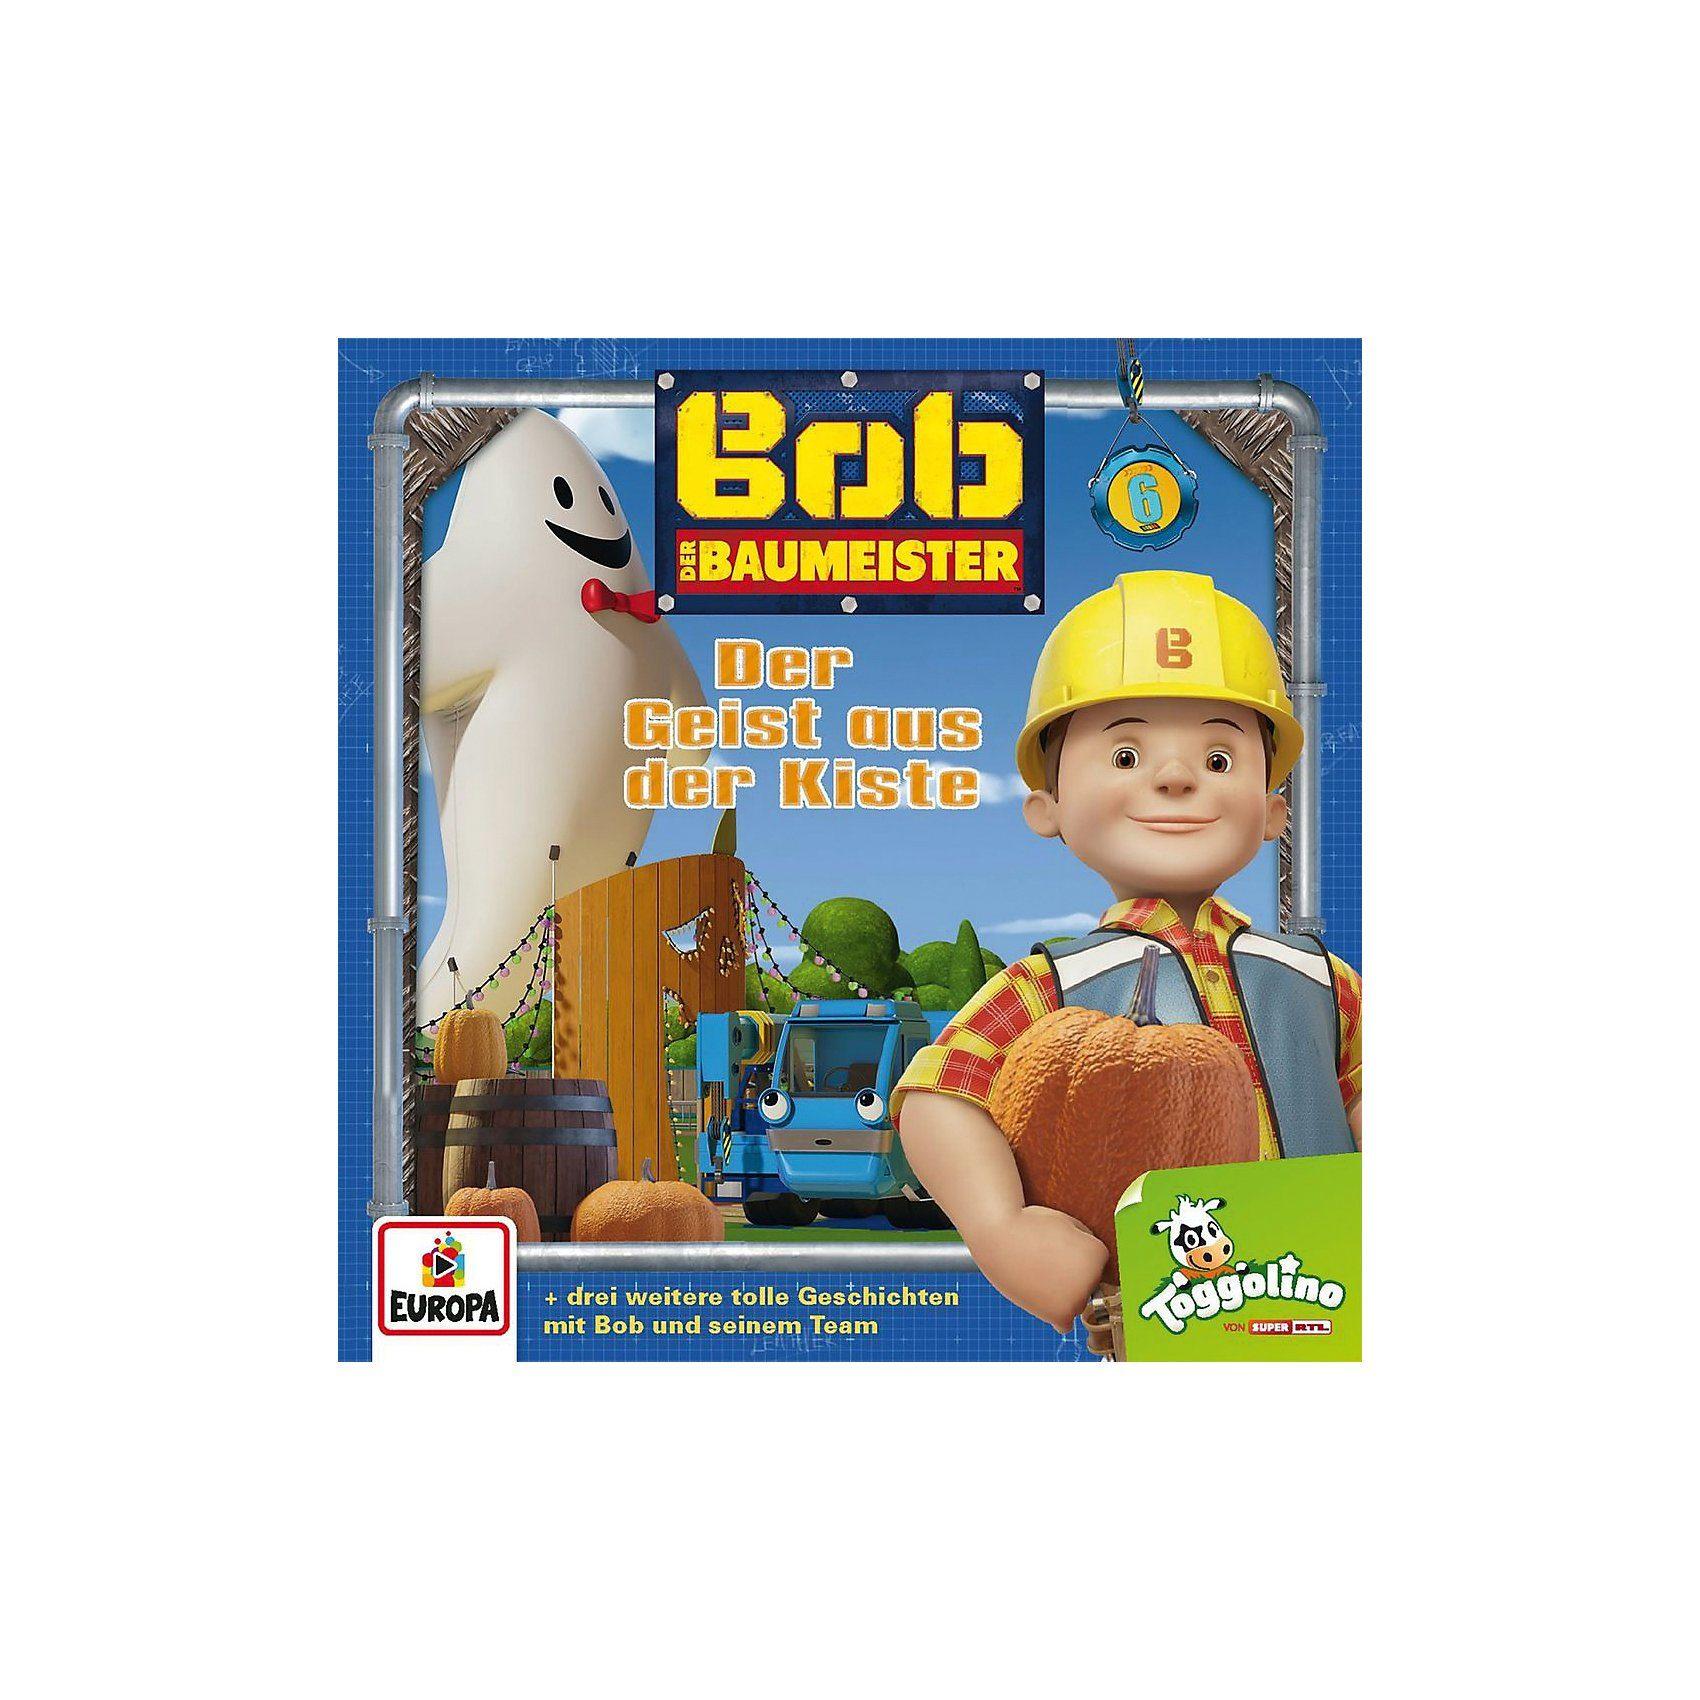 Sony CD Bob der Baumeister 6 - Der Geist aus der Kiste